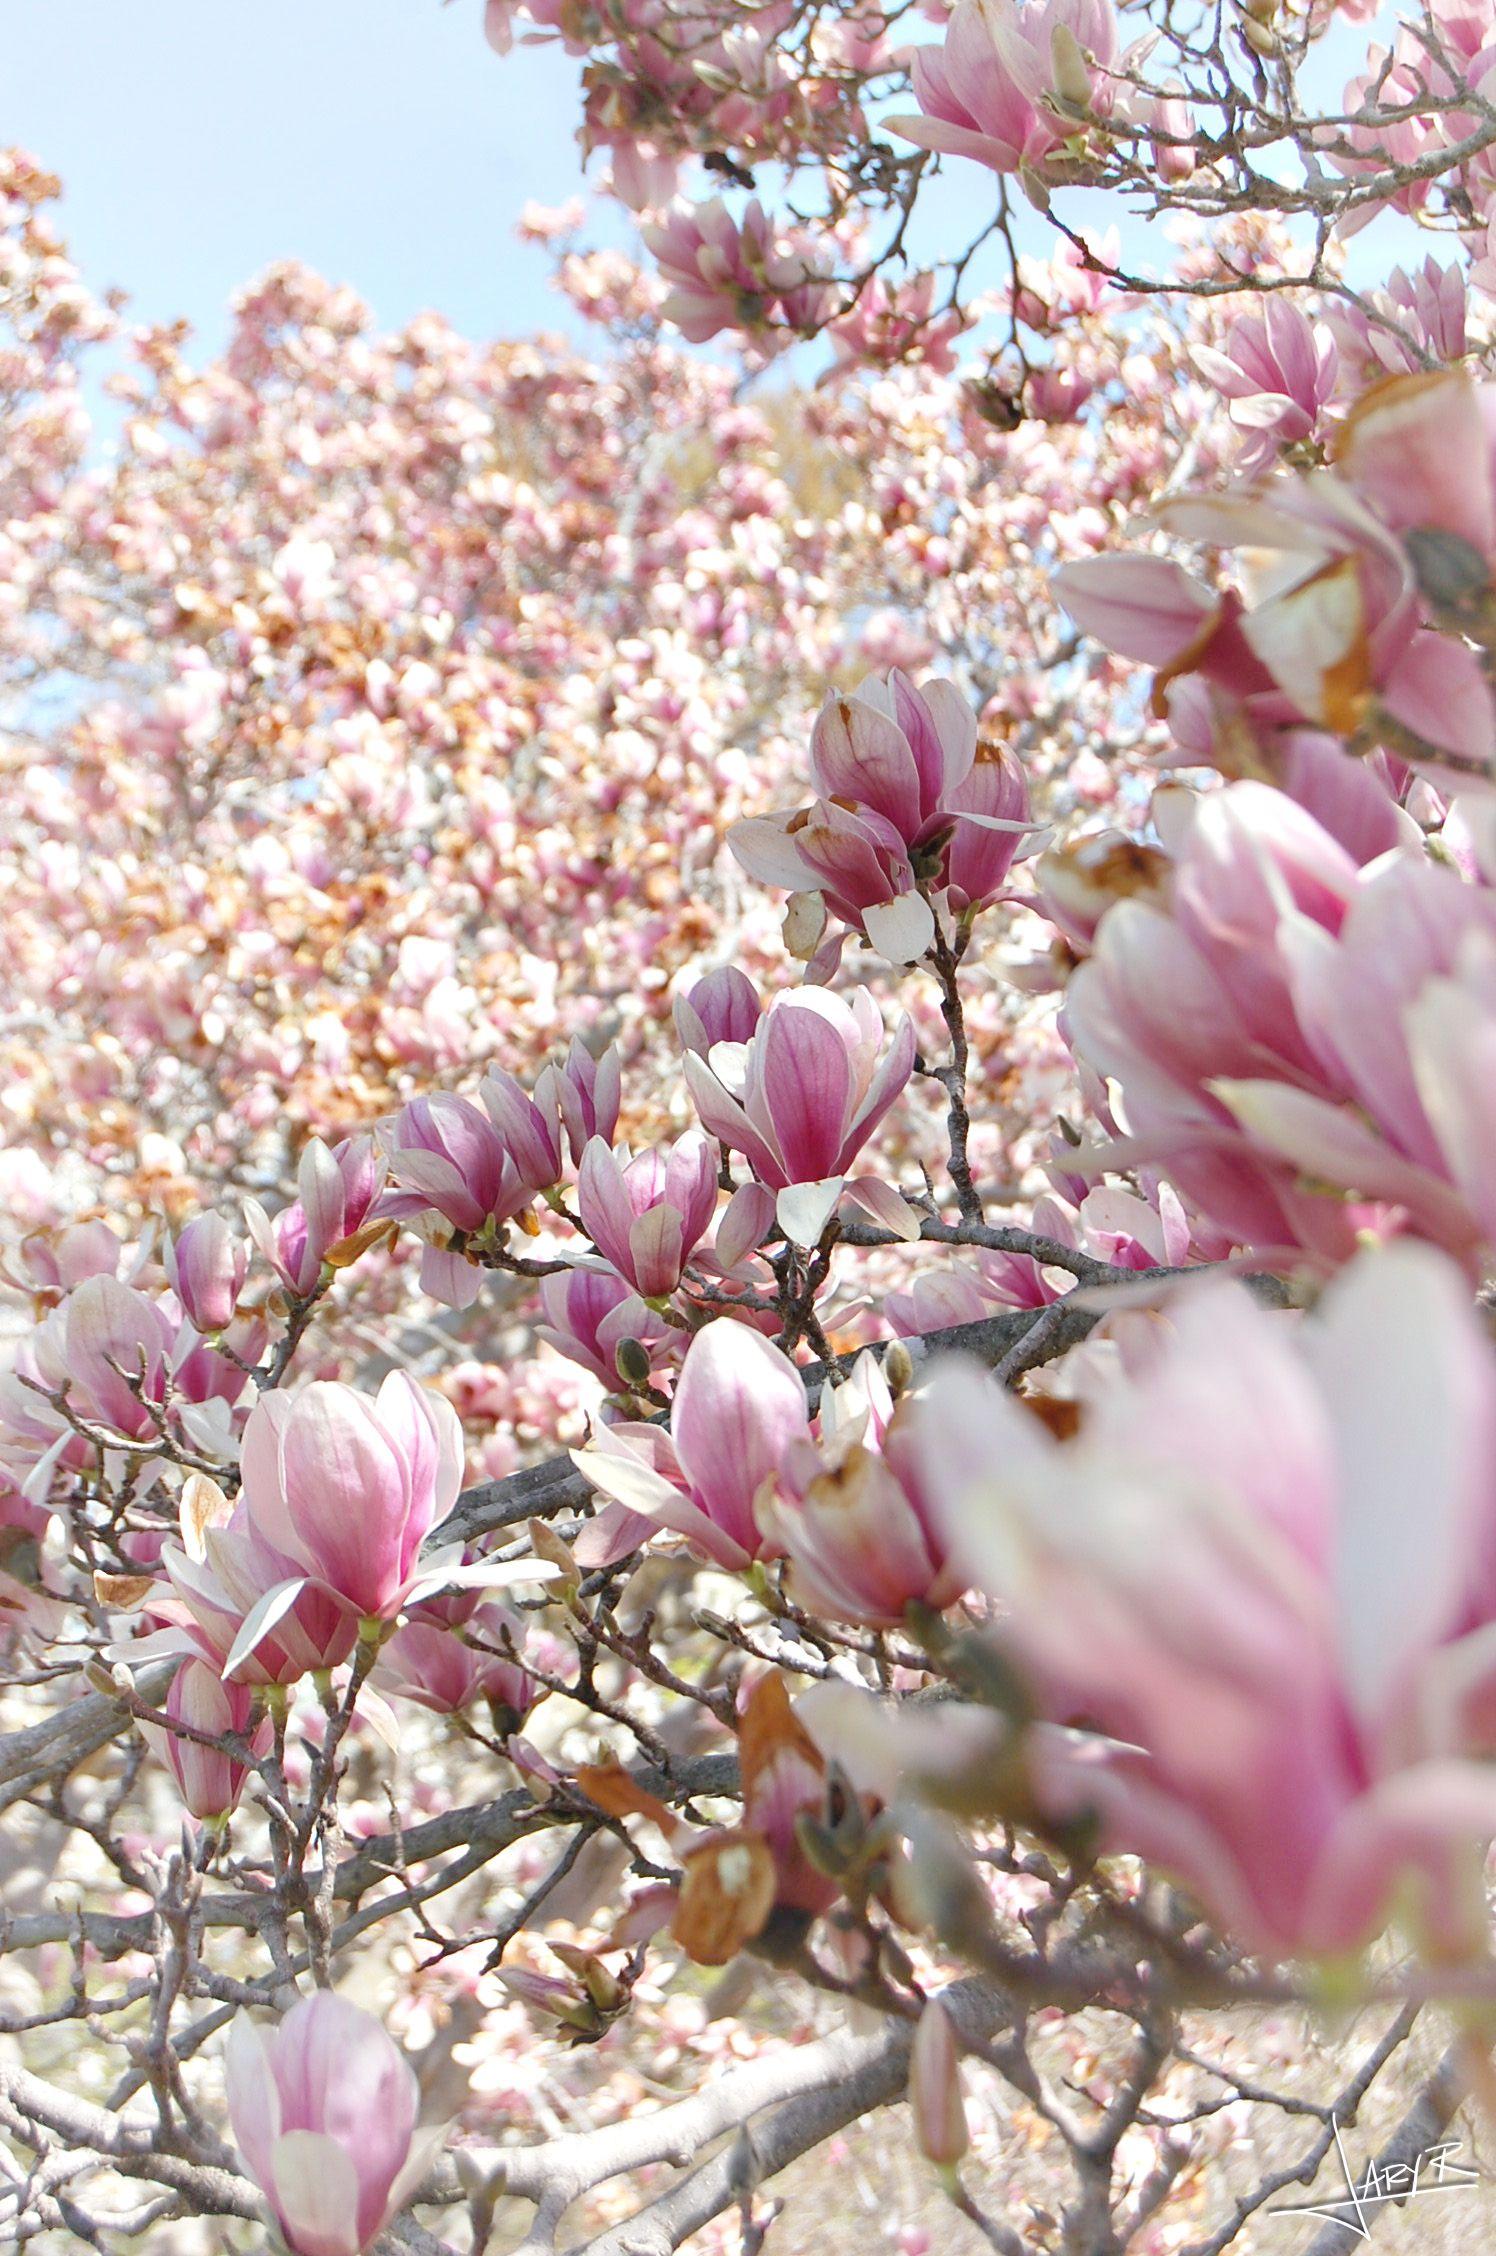 Uw Arboretum Magnolia Trees Inspiration Nook Magnolia Trees